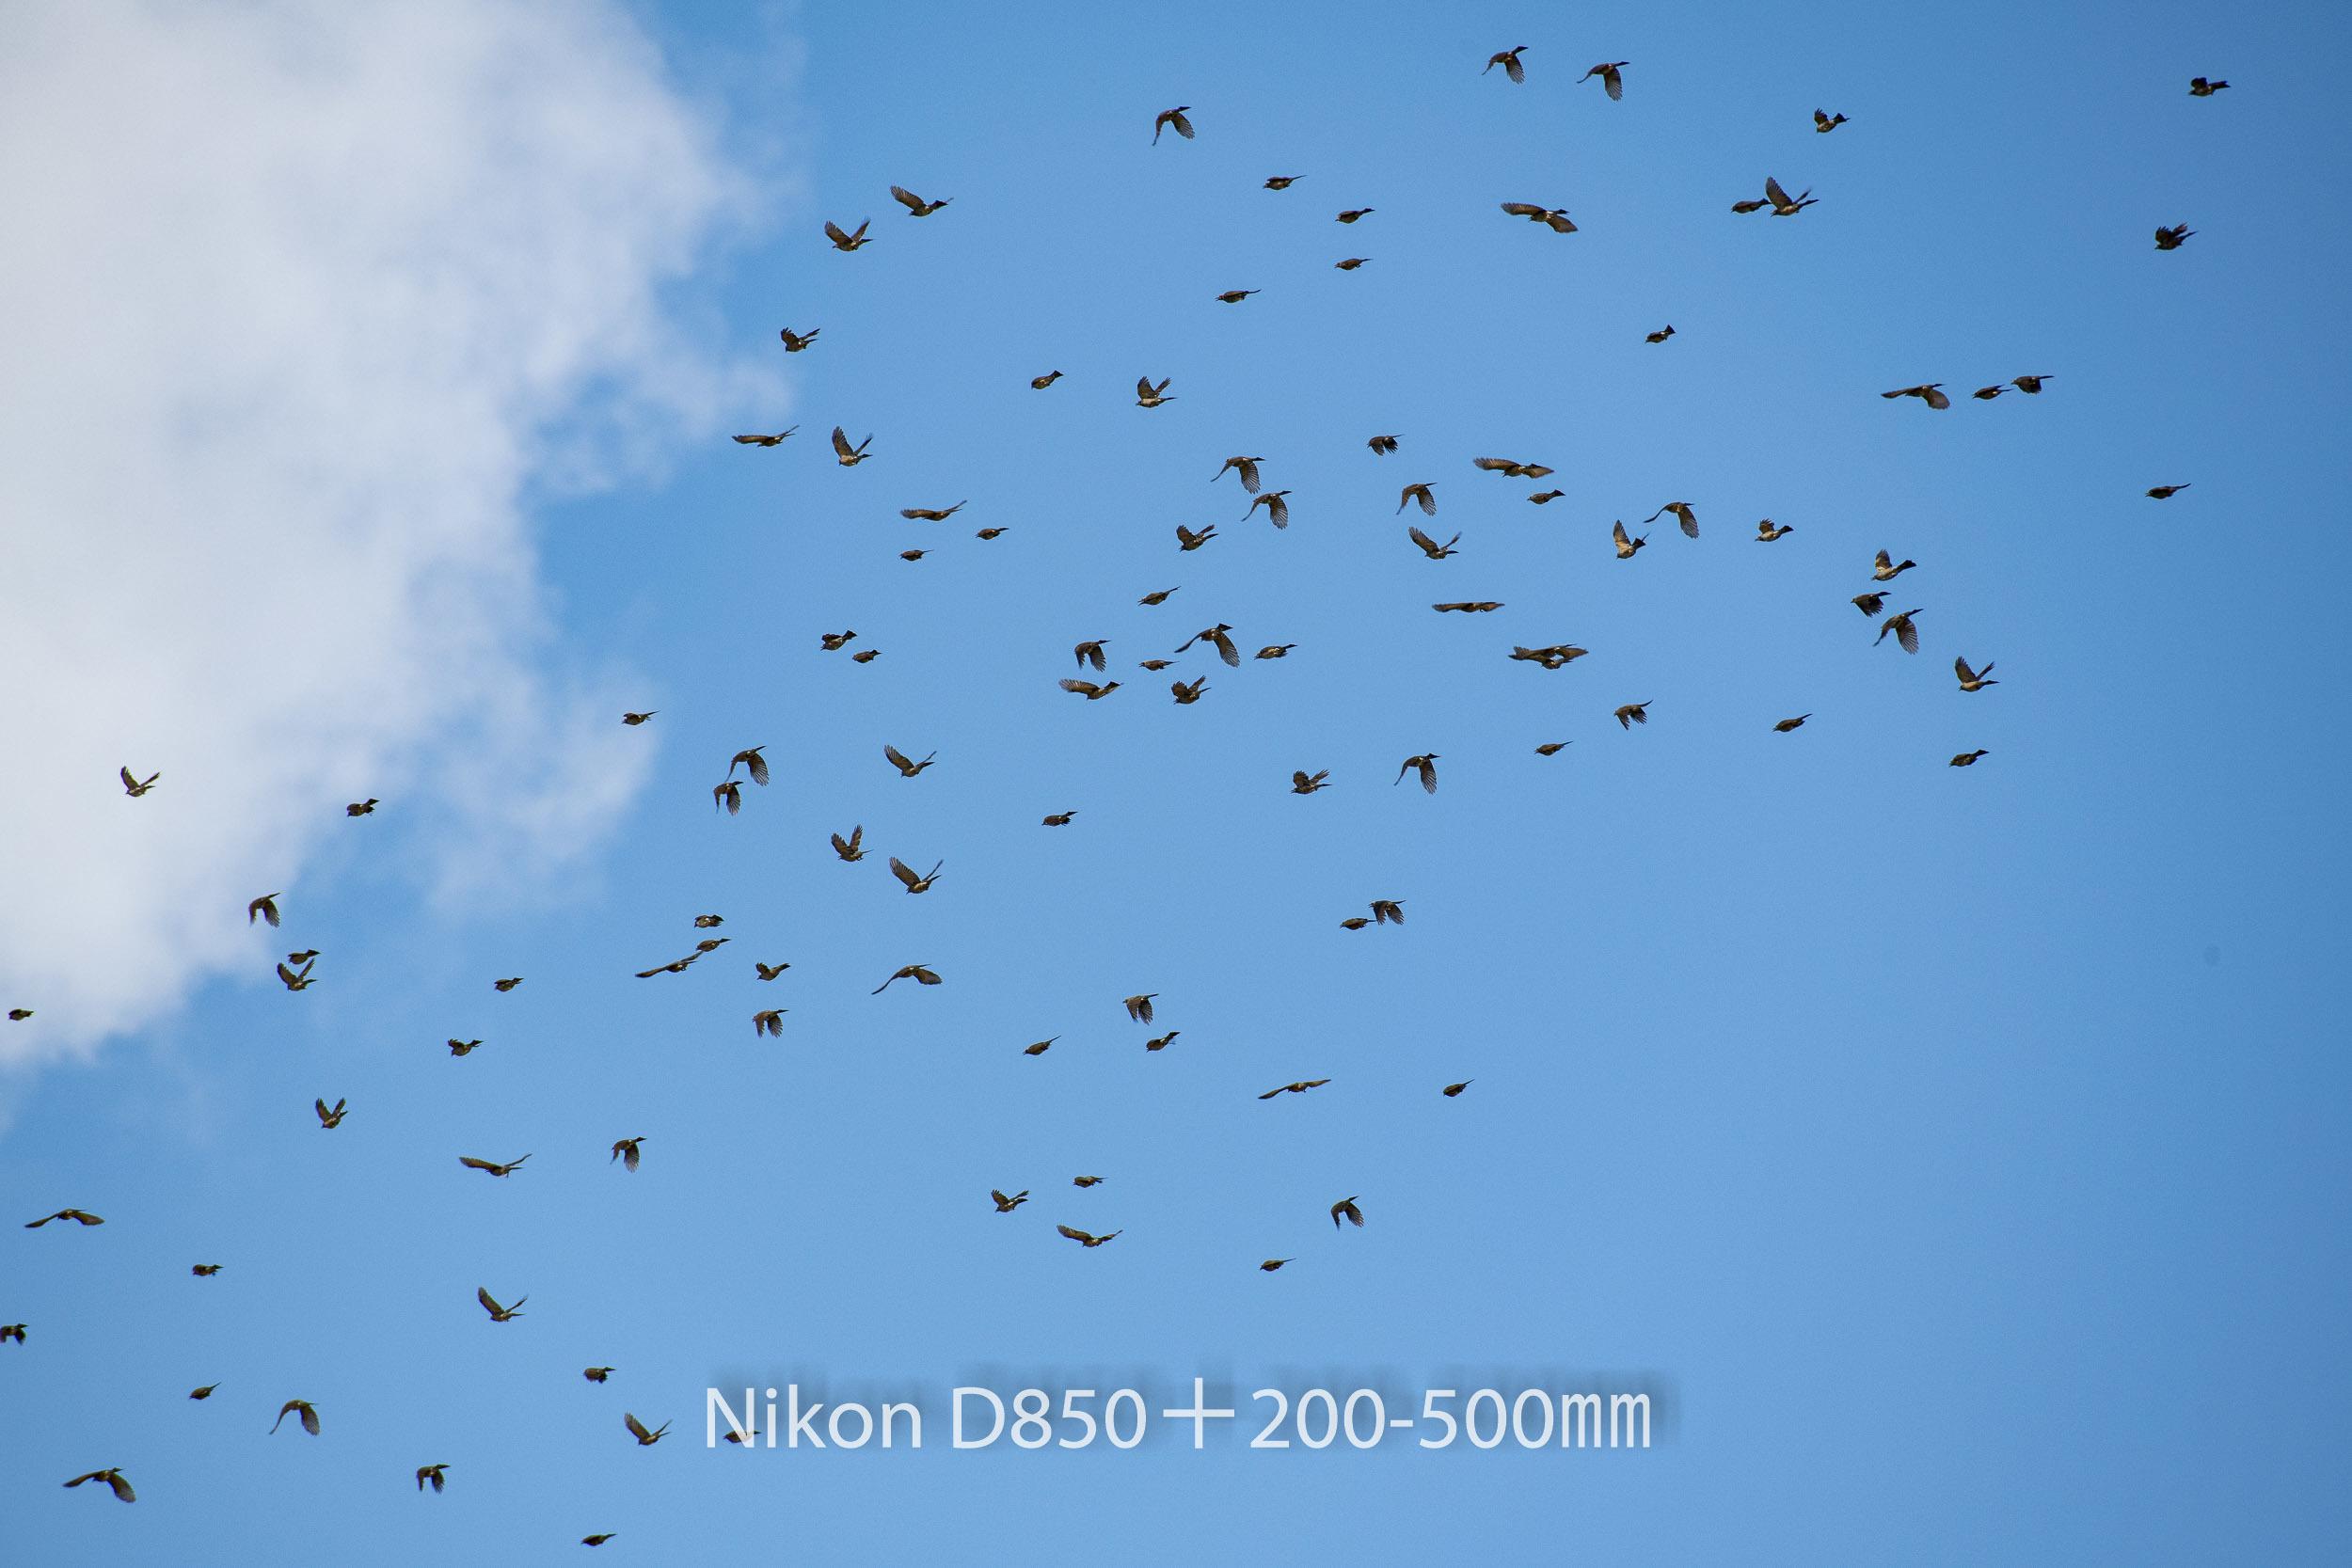 191004 ヒヨドリ集団-24 NIKON D850 ISO 220 500 mm 8256 x 5504